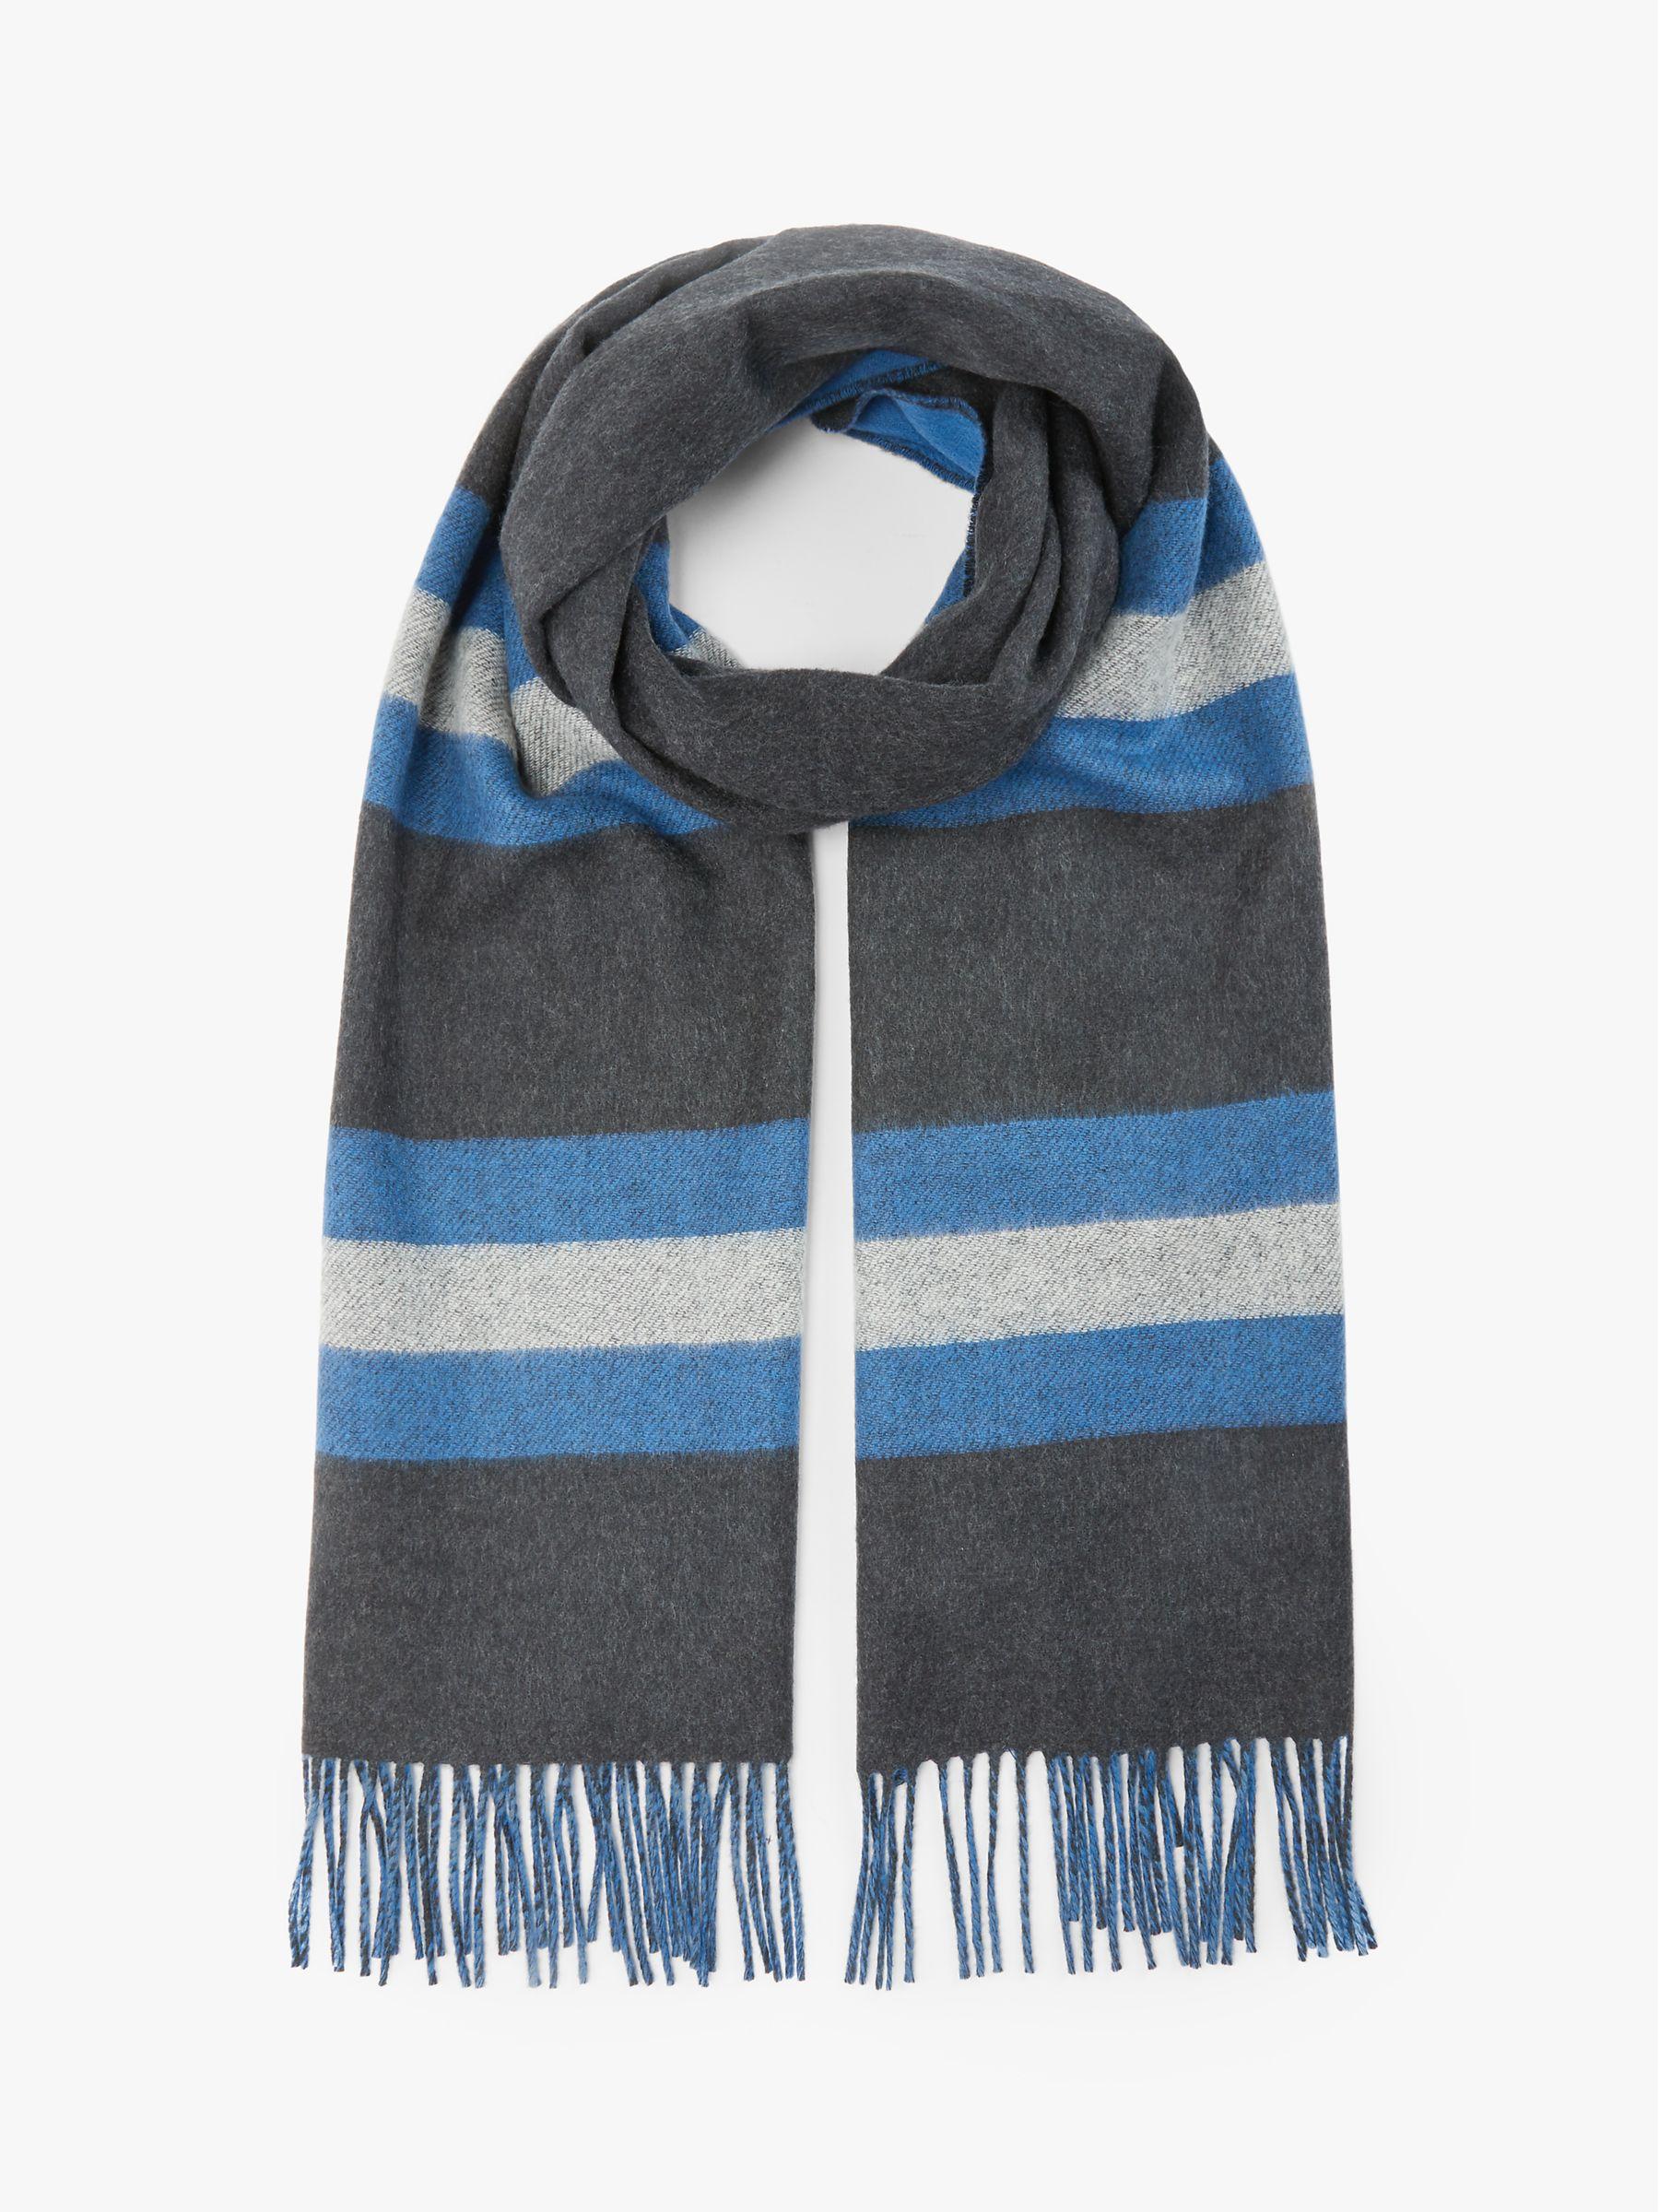 Johnstons of Elgin Johnstons of Elgin Cashmere Merino Reversible Stripe Scarf, Charcoal/Blue